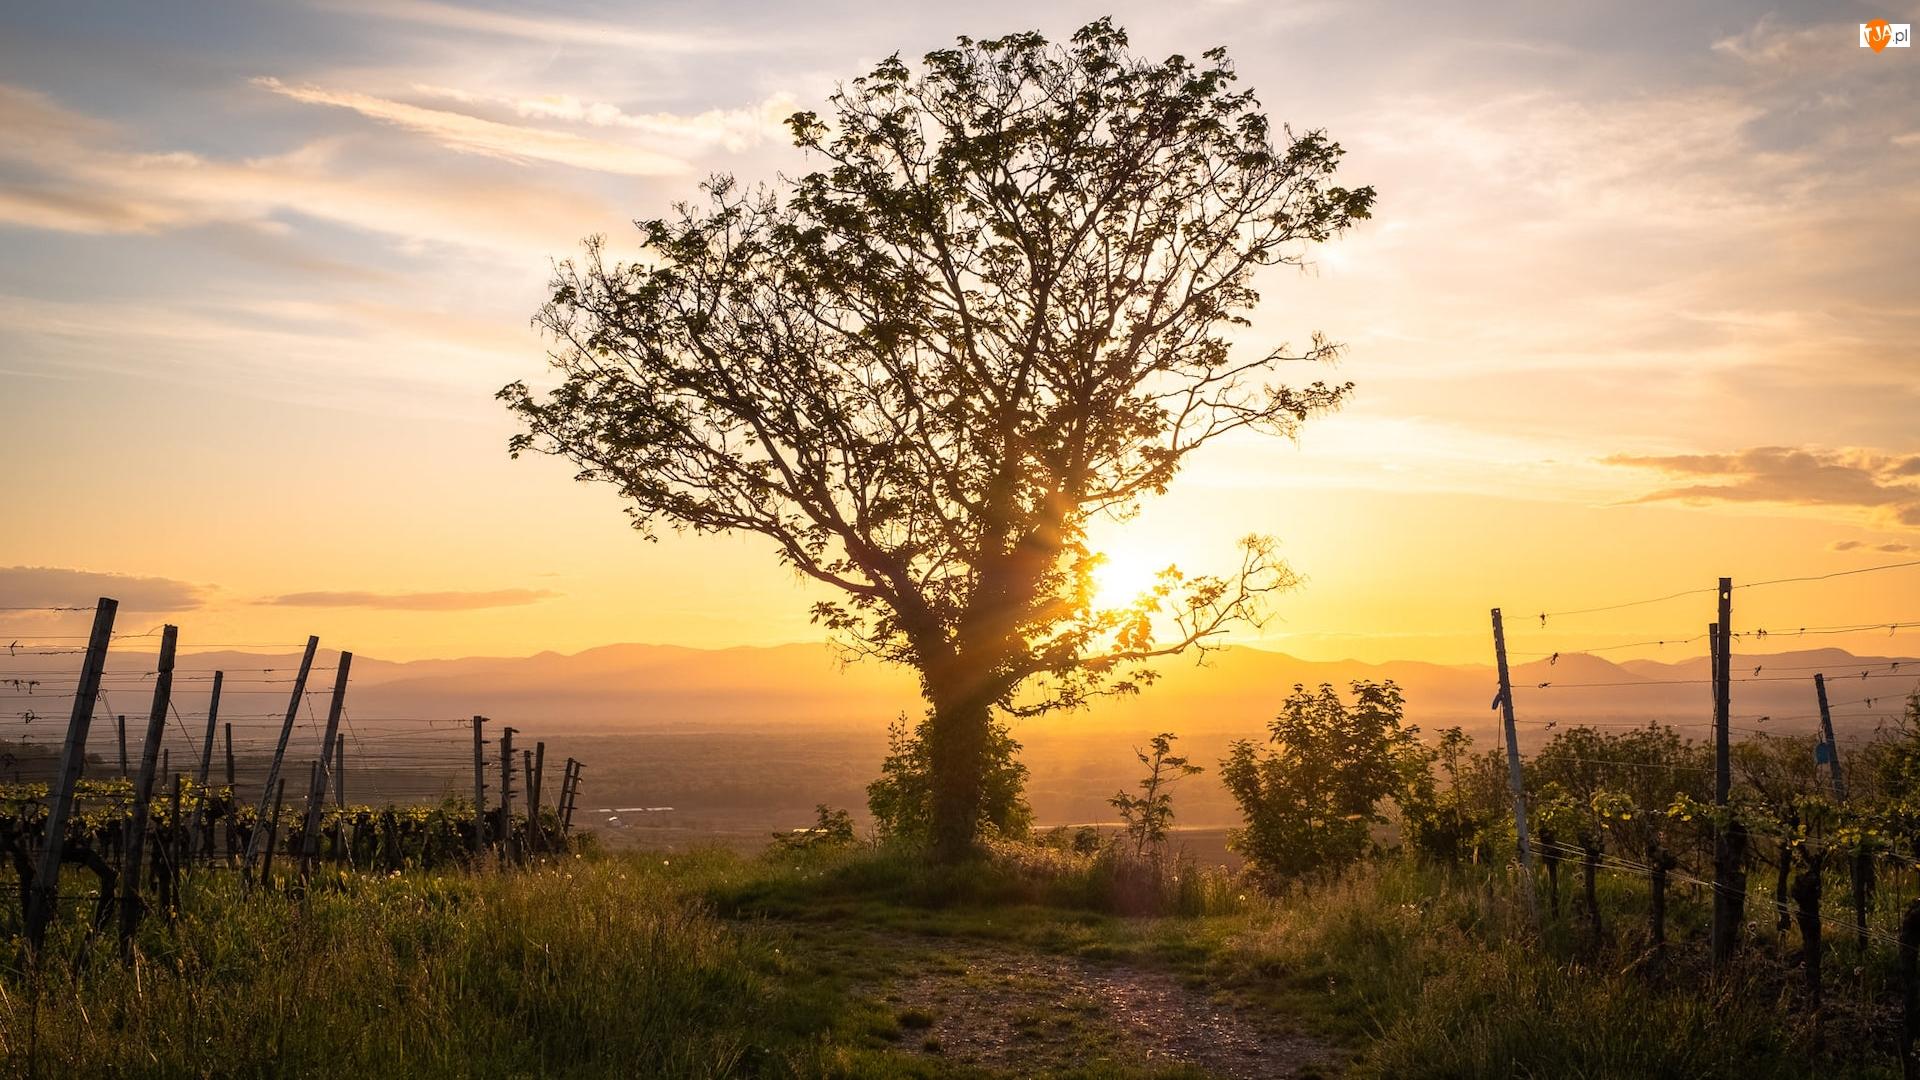 Winnice, Promienie słońca, Drzewo, Łąka, Ogrodzenie